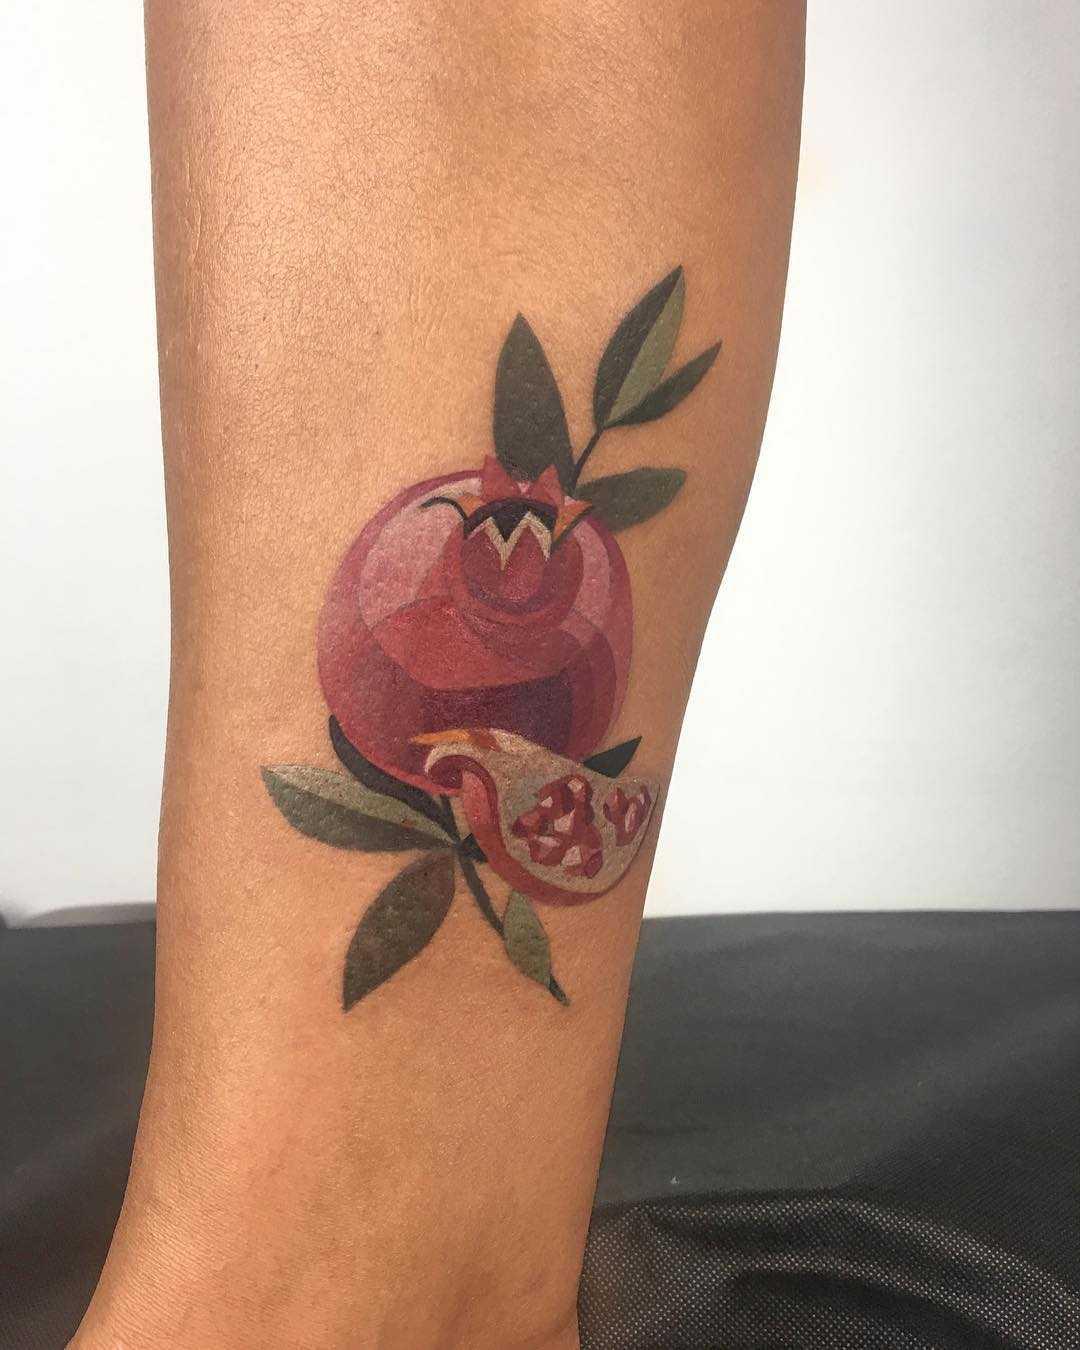 Pomegranate tattoo by Mavka Leesova